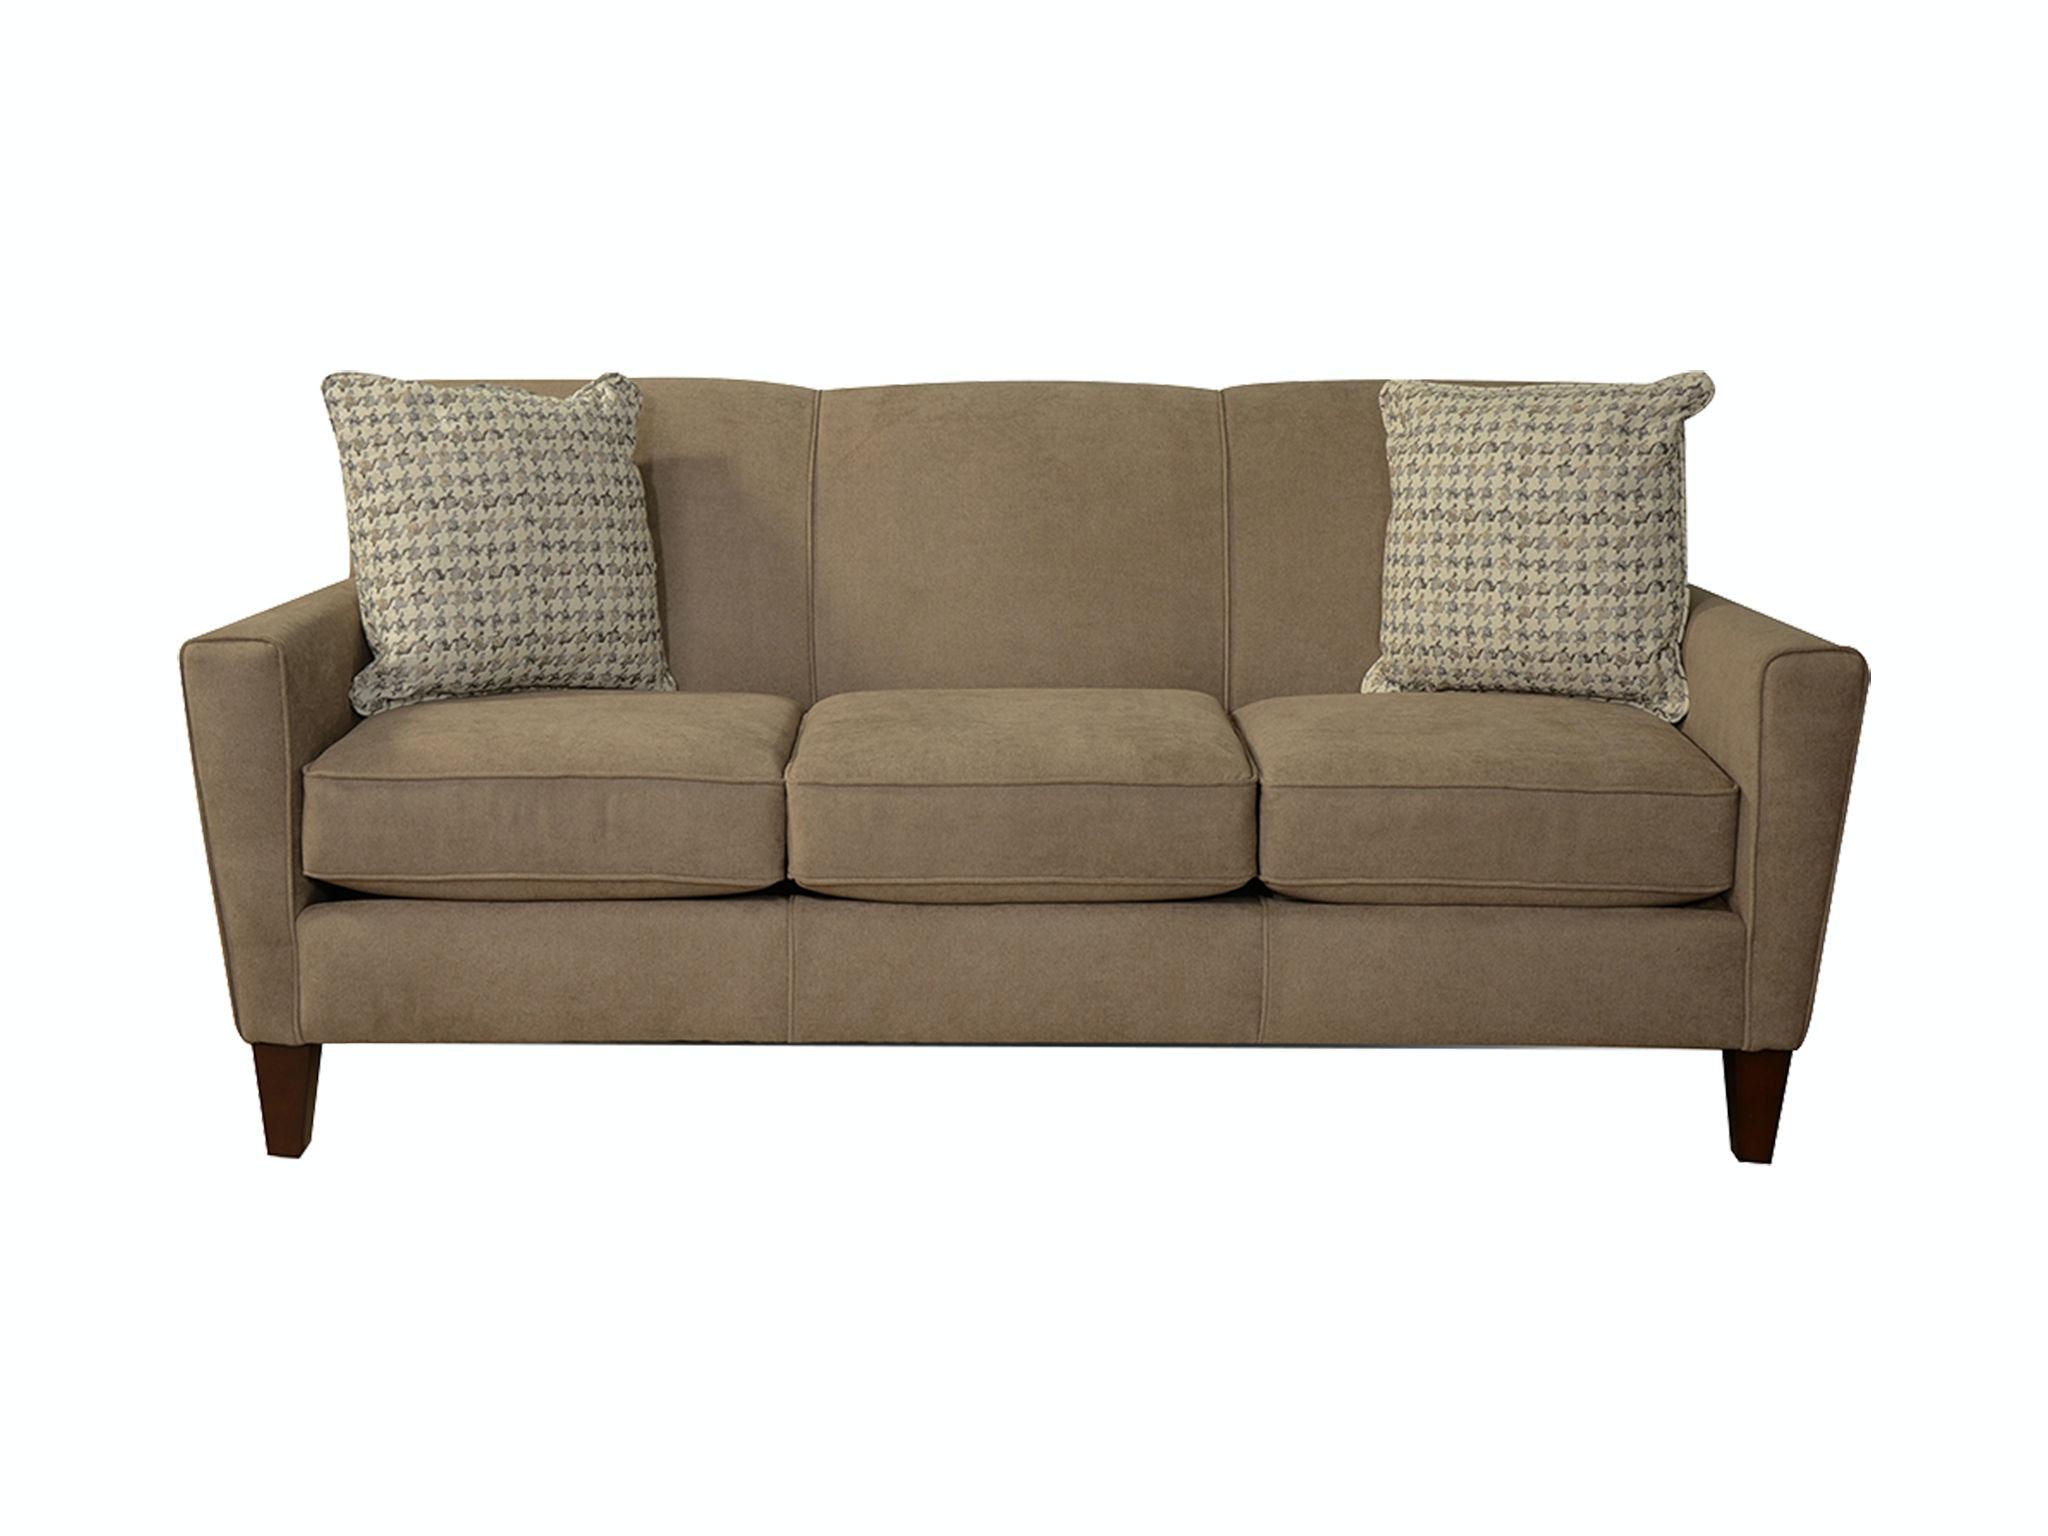 Genial England Sofa 6205